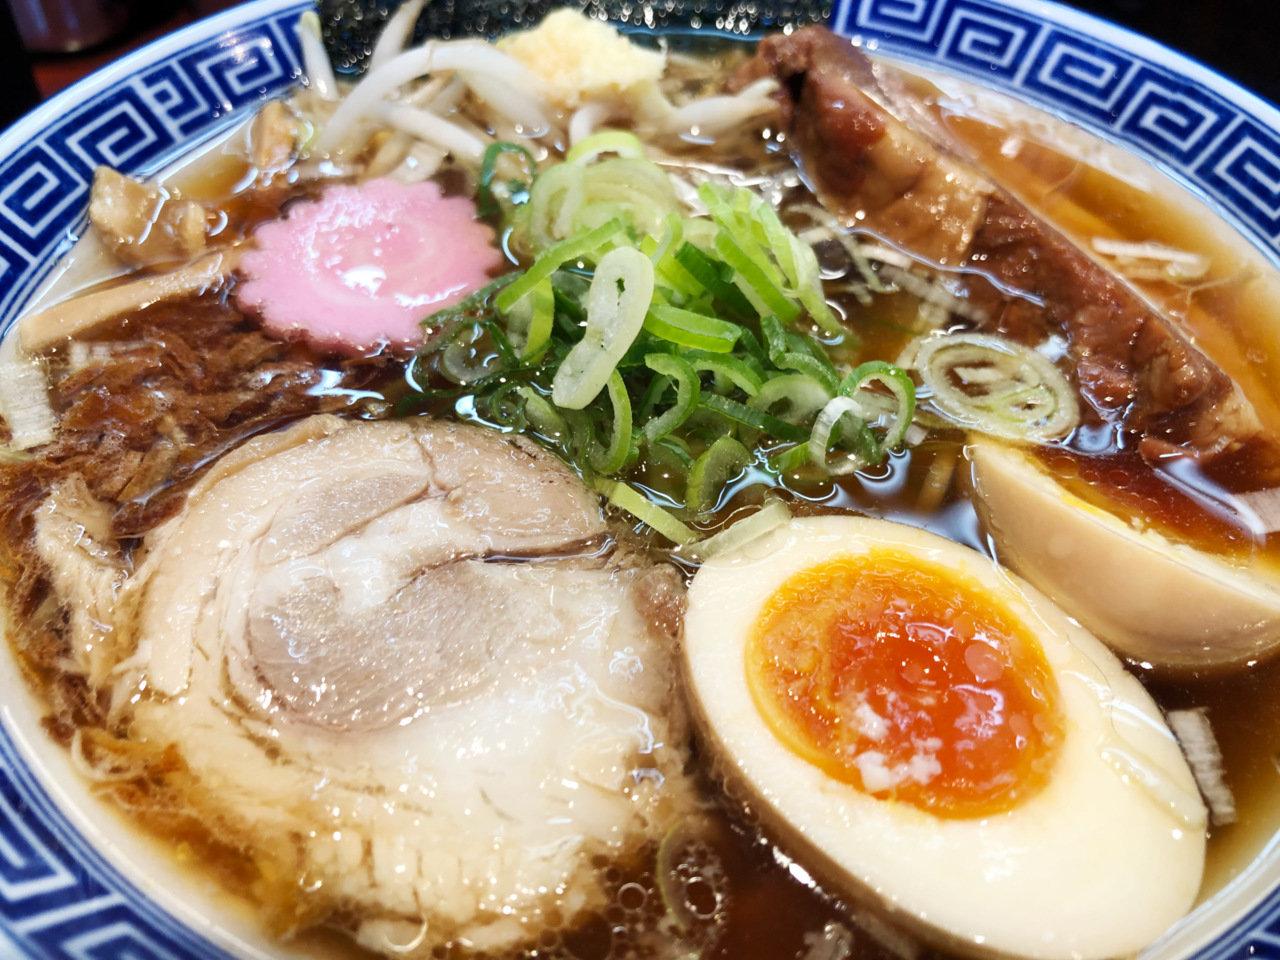 東京ローカルのおいしいラーメンが食べたい|野菜仕立ての醤油らあめん